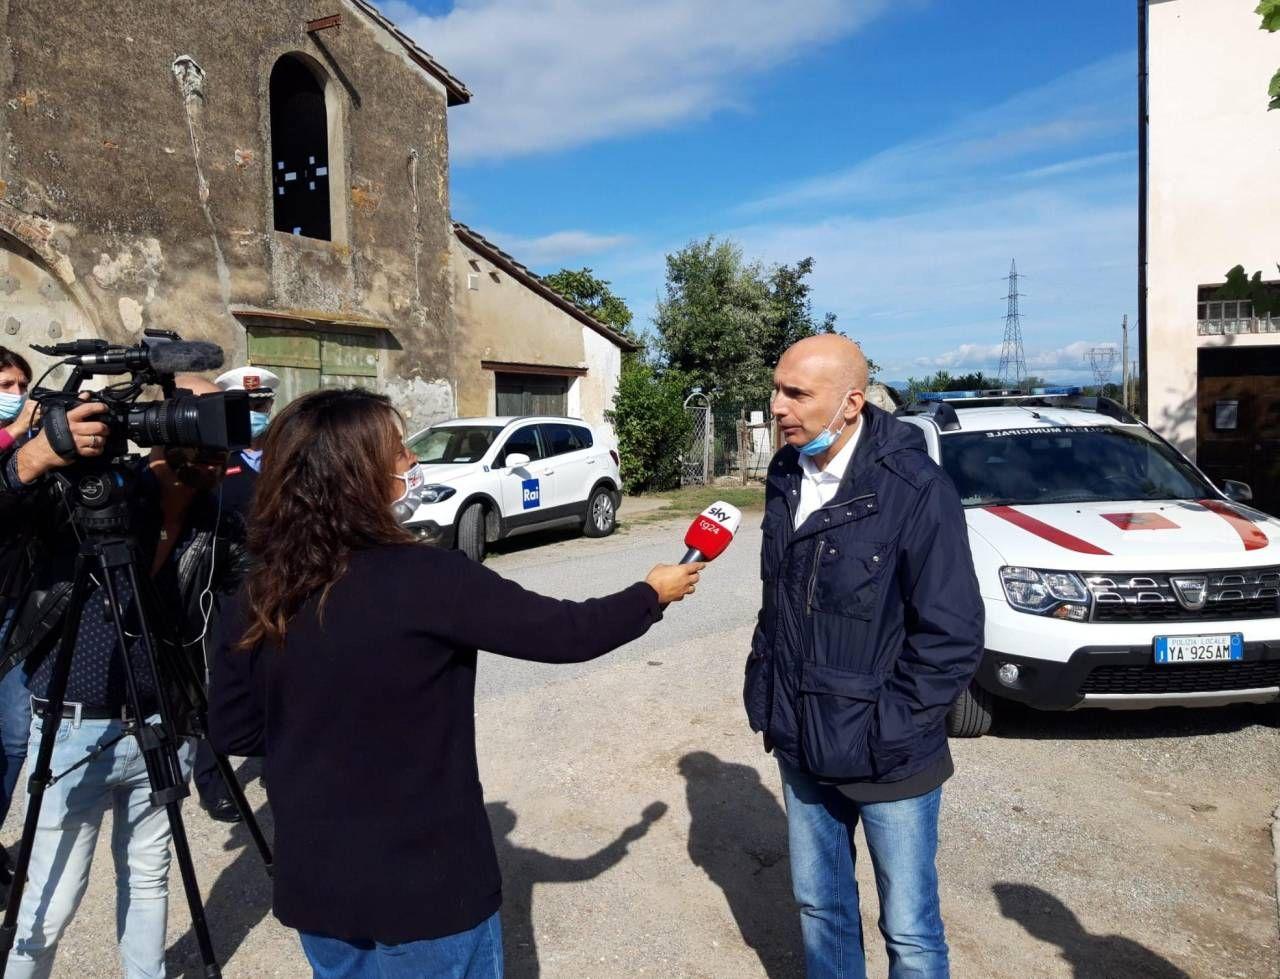 Il sindaco Gabriele Toti sul luogo dove si è consumato il crimine (foto Germogli)